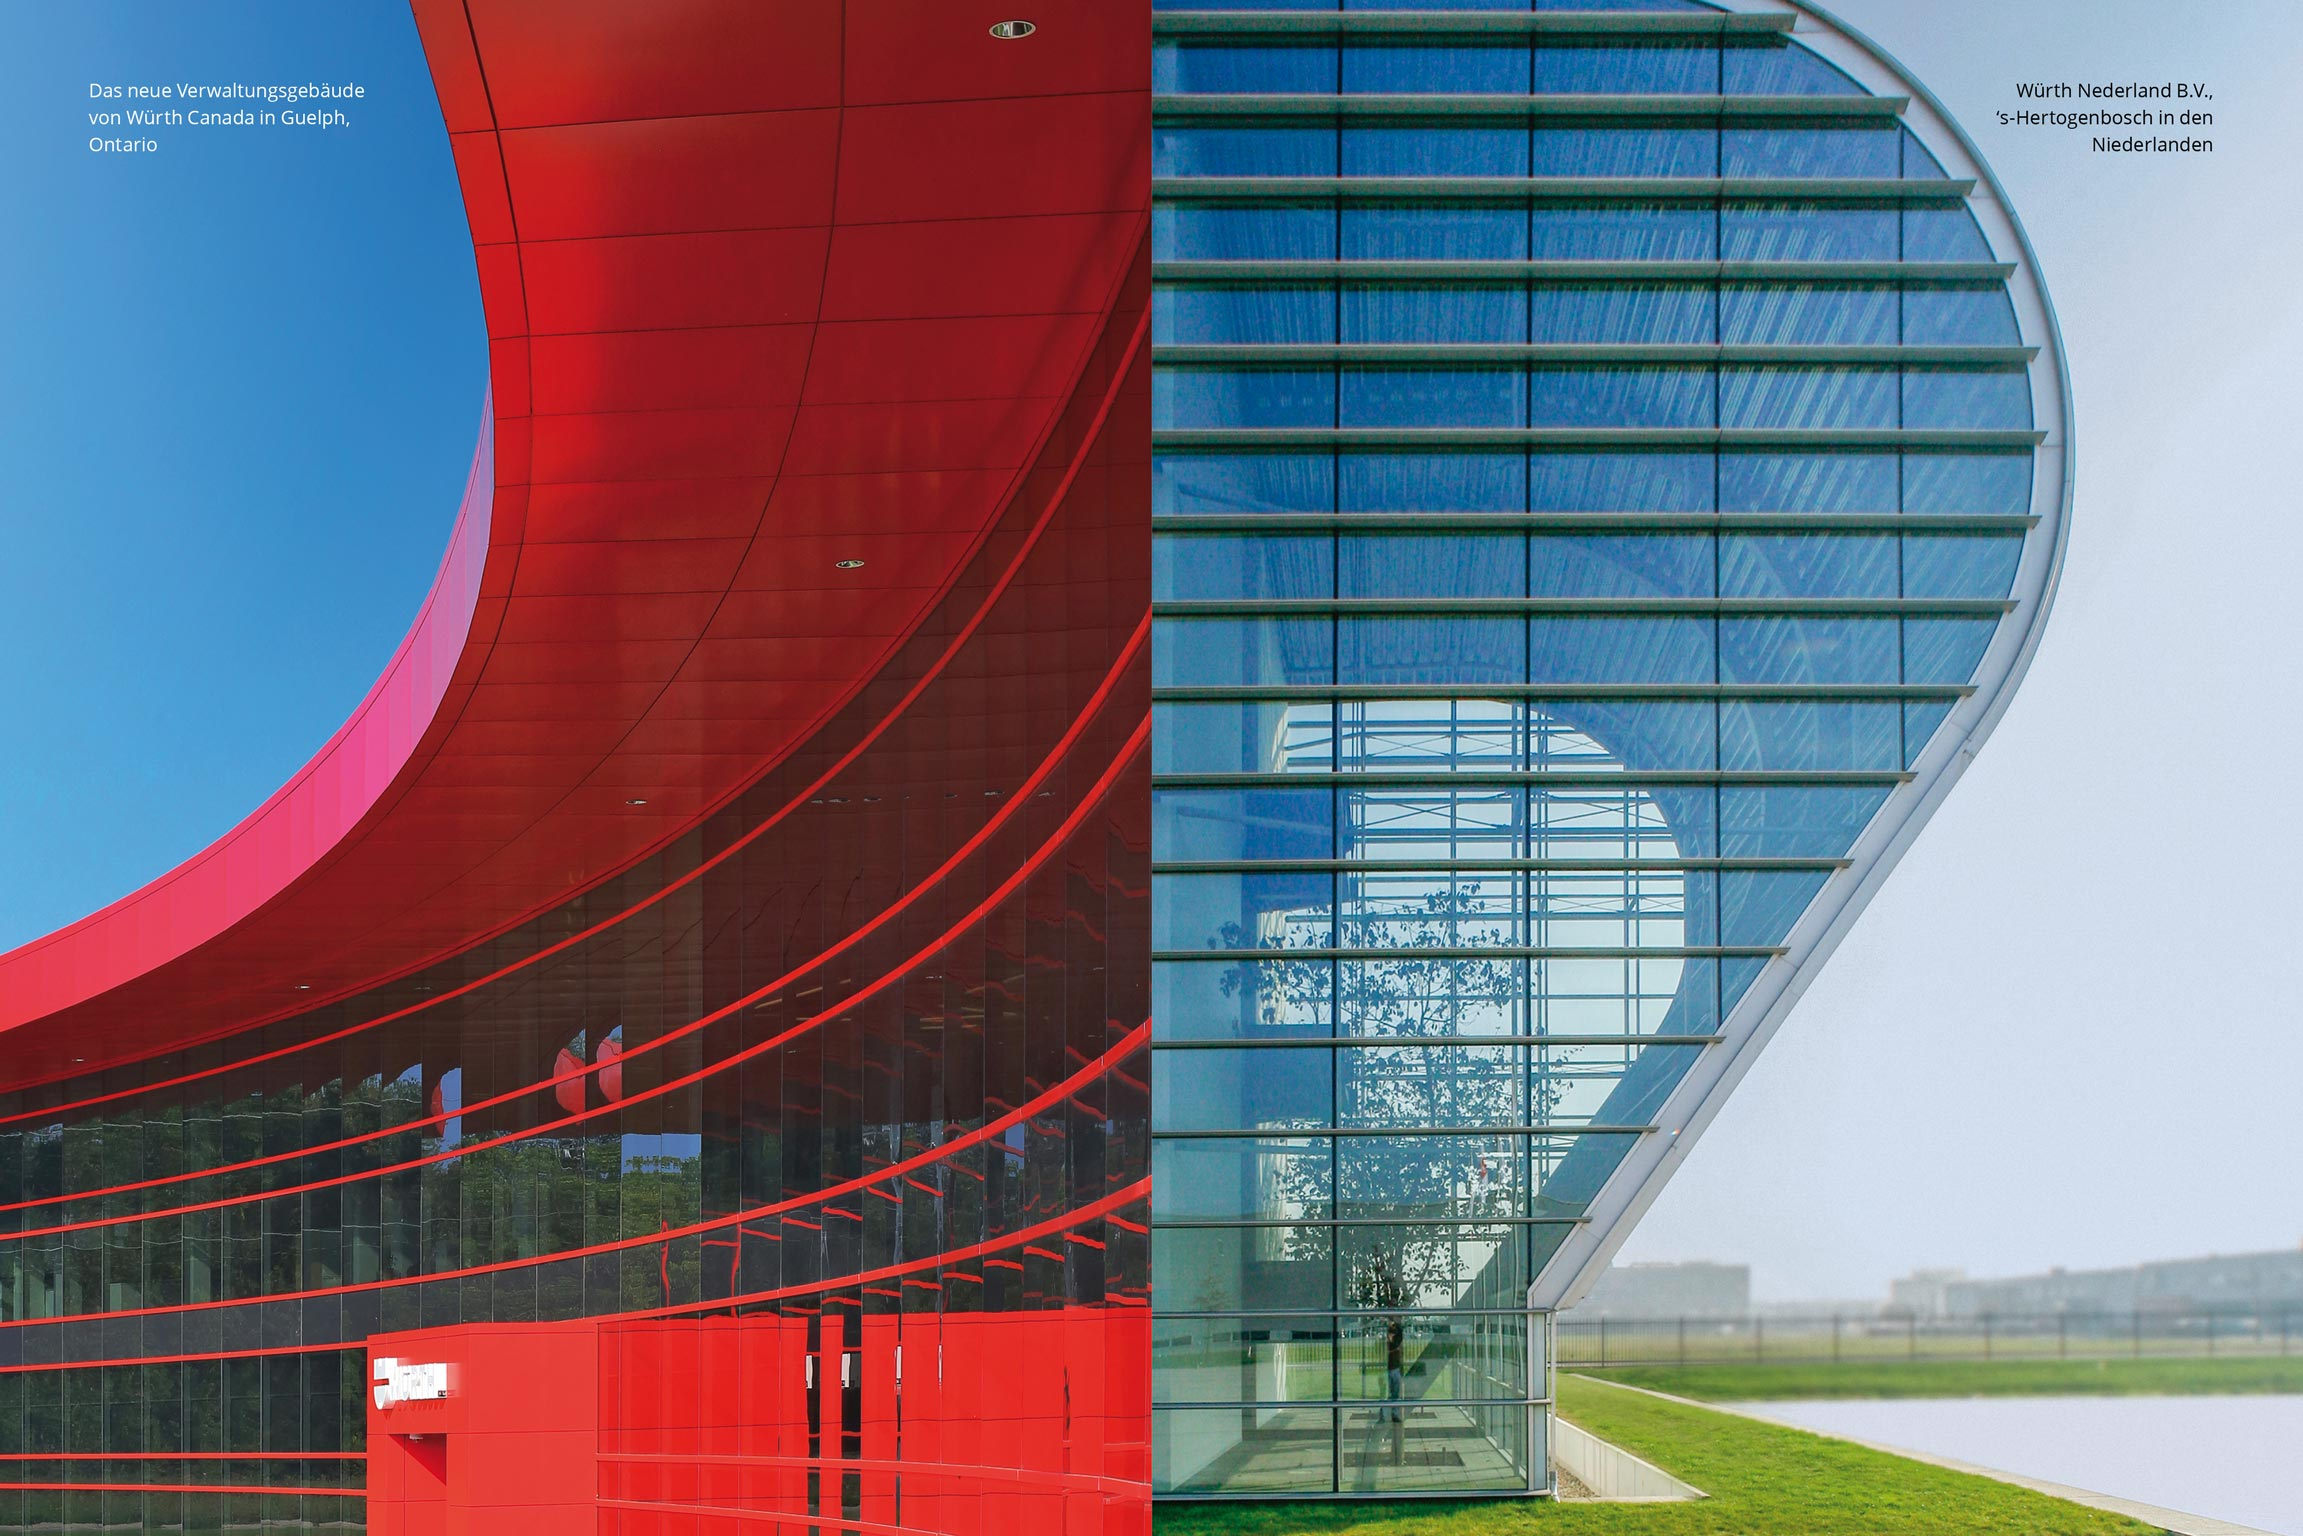 1962 gründete Reinhold Würth die erste Auslandsgesellschaft in den Niederlanden. 1987 – bereits 25 Jahre später – ist Würth auf allen fünf Kontinenten vertreten. Die Verbundenheit aller Würth Gesellschaften spiegelt sich in der Architektur: Die offene, lichtdurchflutete, kommunikative Gestaltung trägt die Unternehmenskultur über Grenzen hinweg.